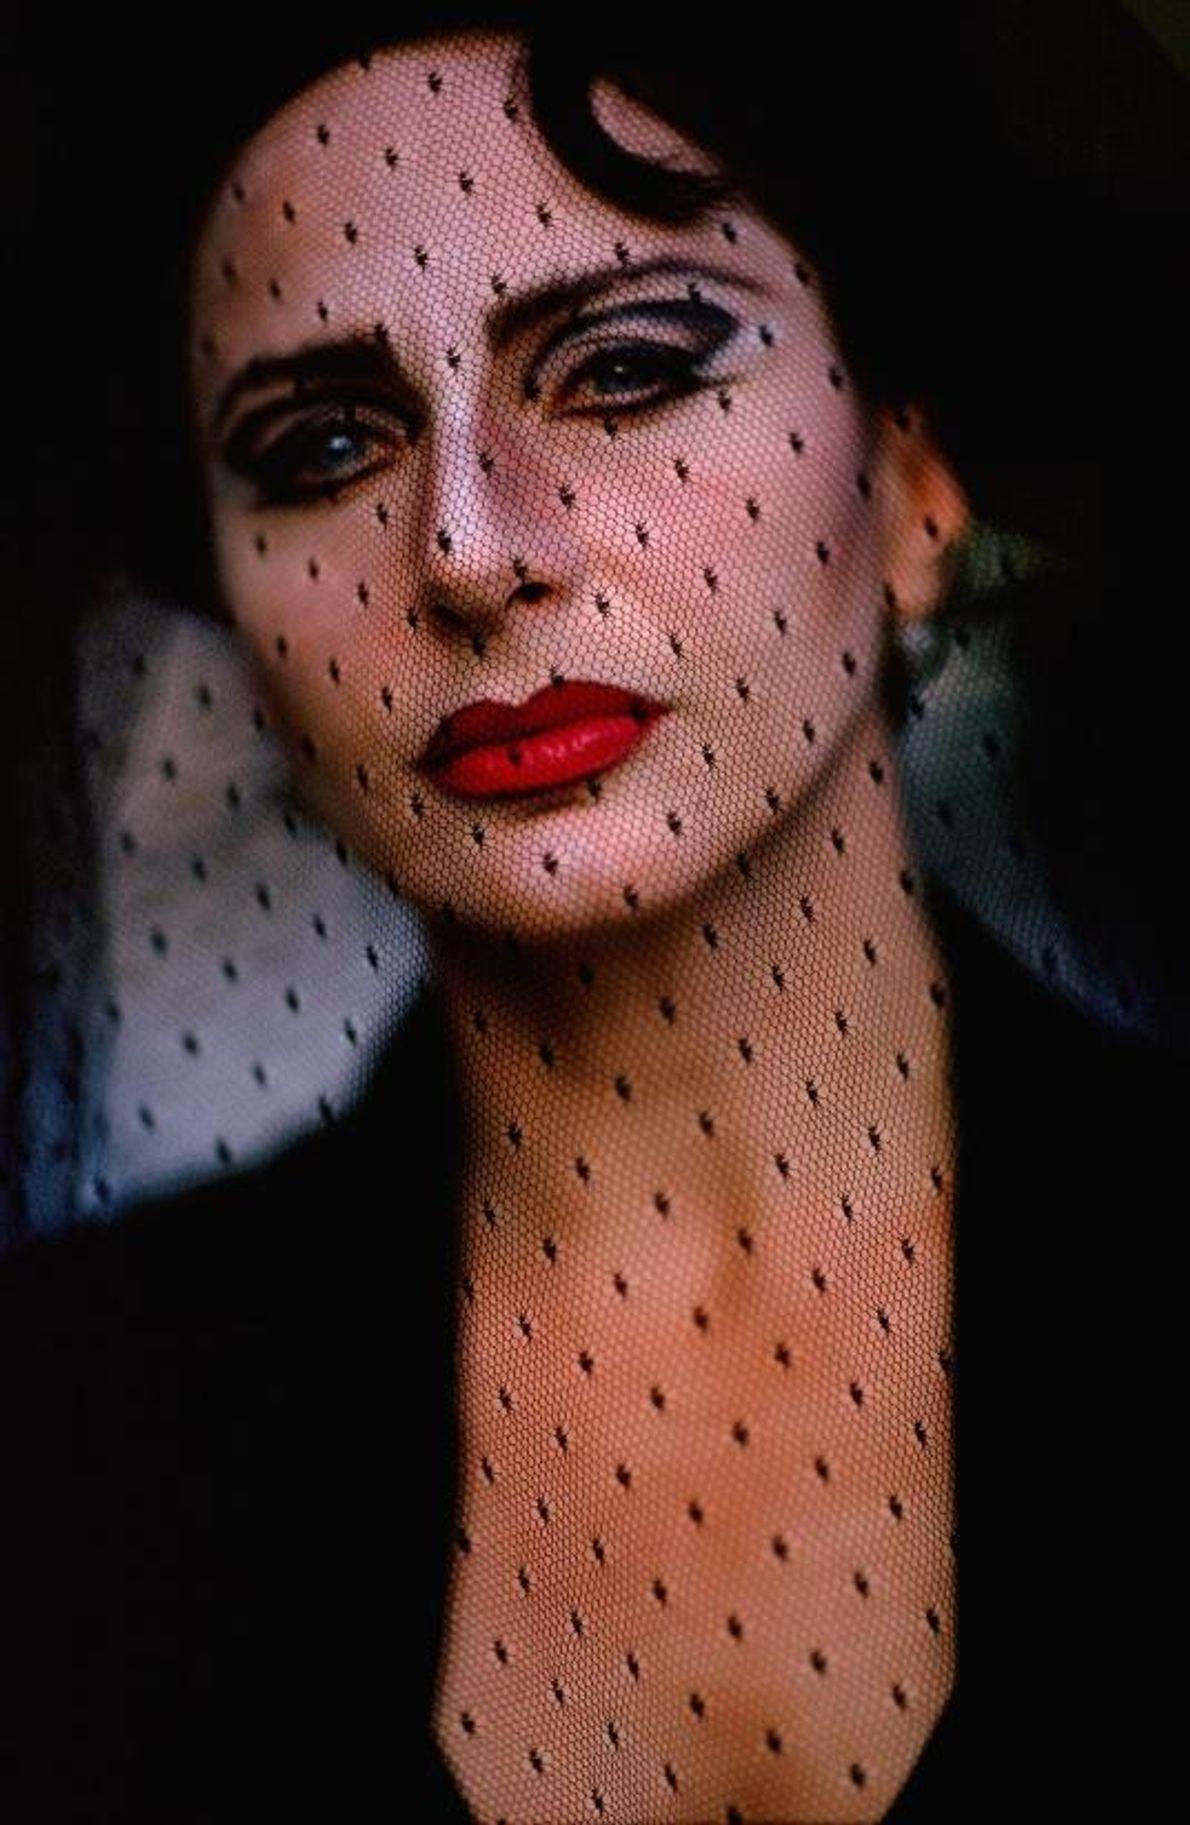 Portrait d'une actrice sicilienne qui regarde l'objectif à travers un voile noir à pois.